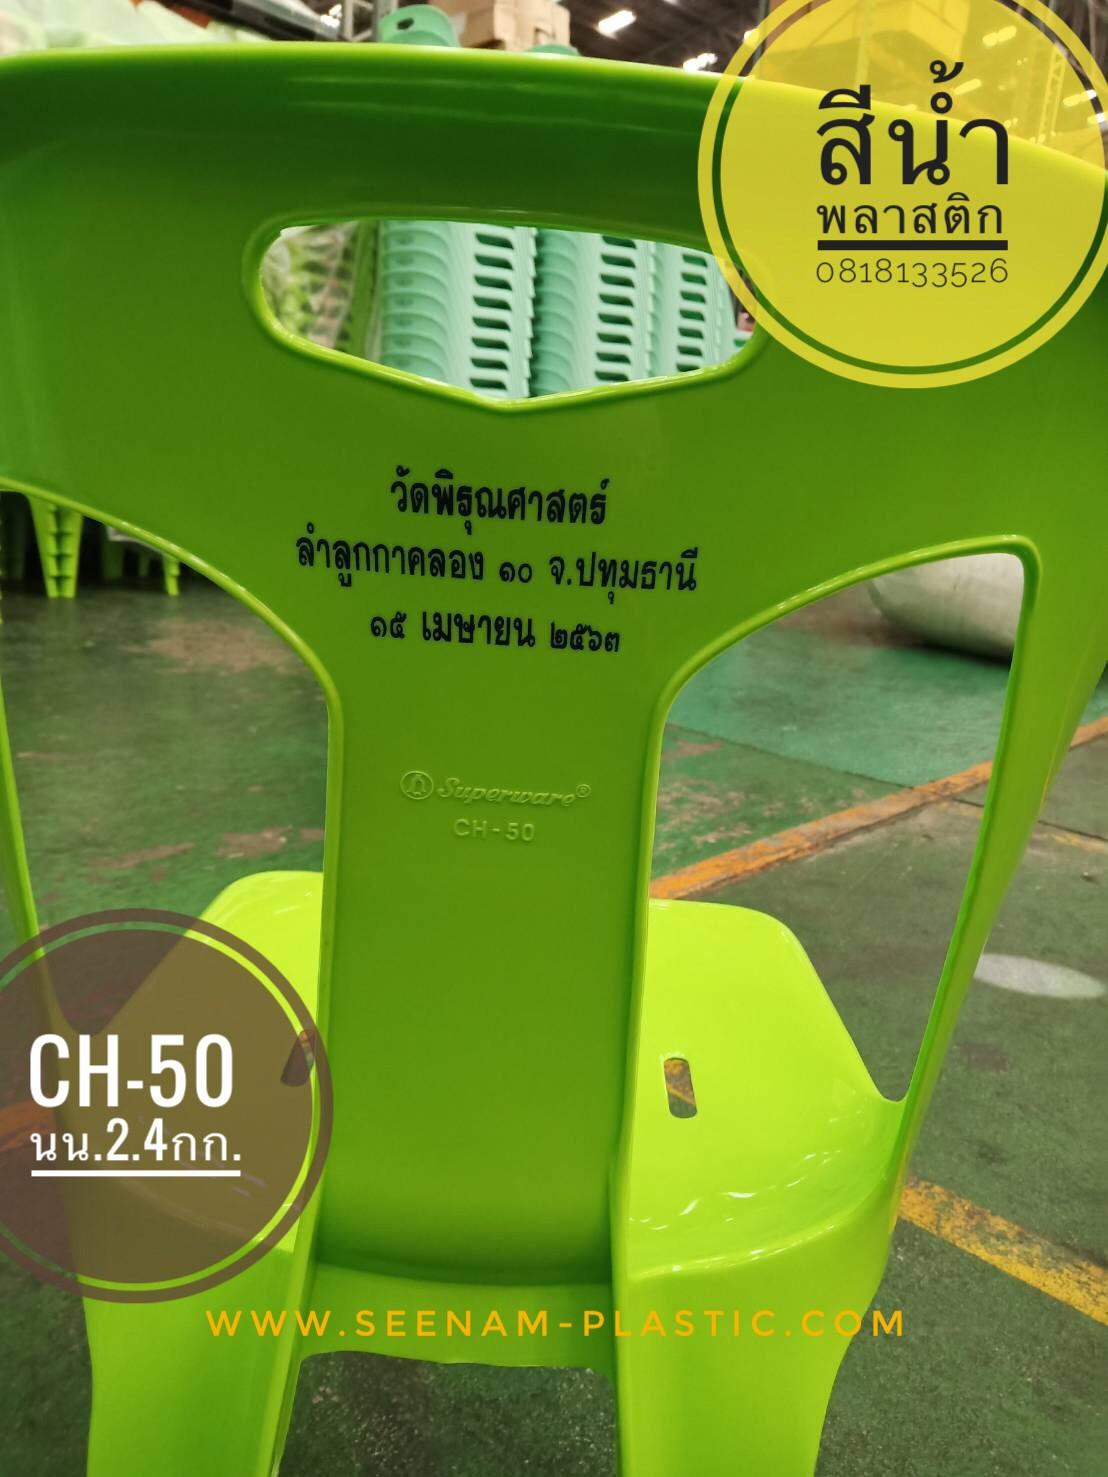 เก้าอี้พลาสติกศรีไทย, เก้าอี้พลาสติกsuperware, เก้าอี้ศรีไทยซุปเปอร์แวร์, เก้าอี้พลาสติกซุปเปอร์แวร์, เก้าอี้ซุปเปอร์แวร์, เก้าอี้ศรีไทย, เก้าอี้superware